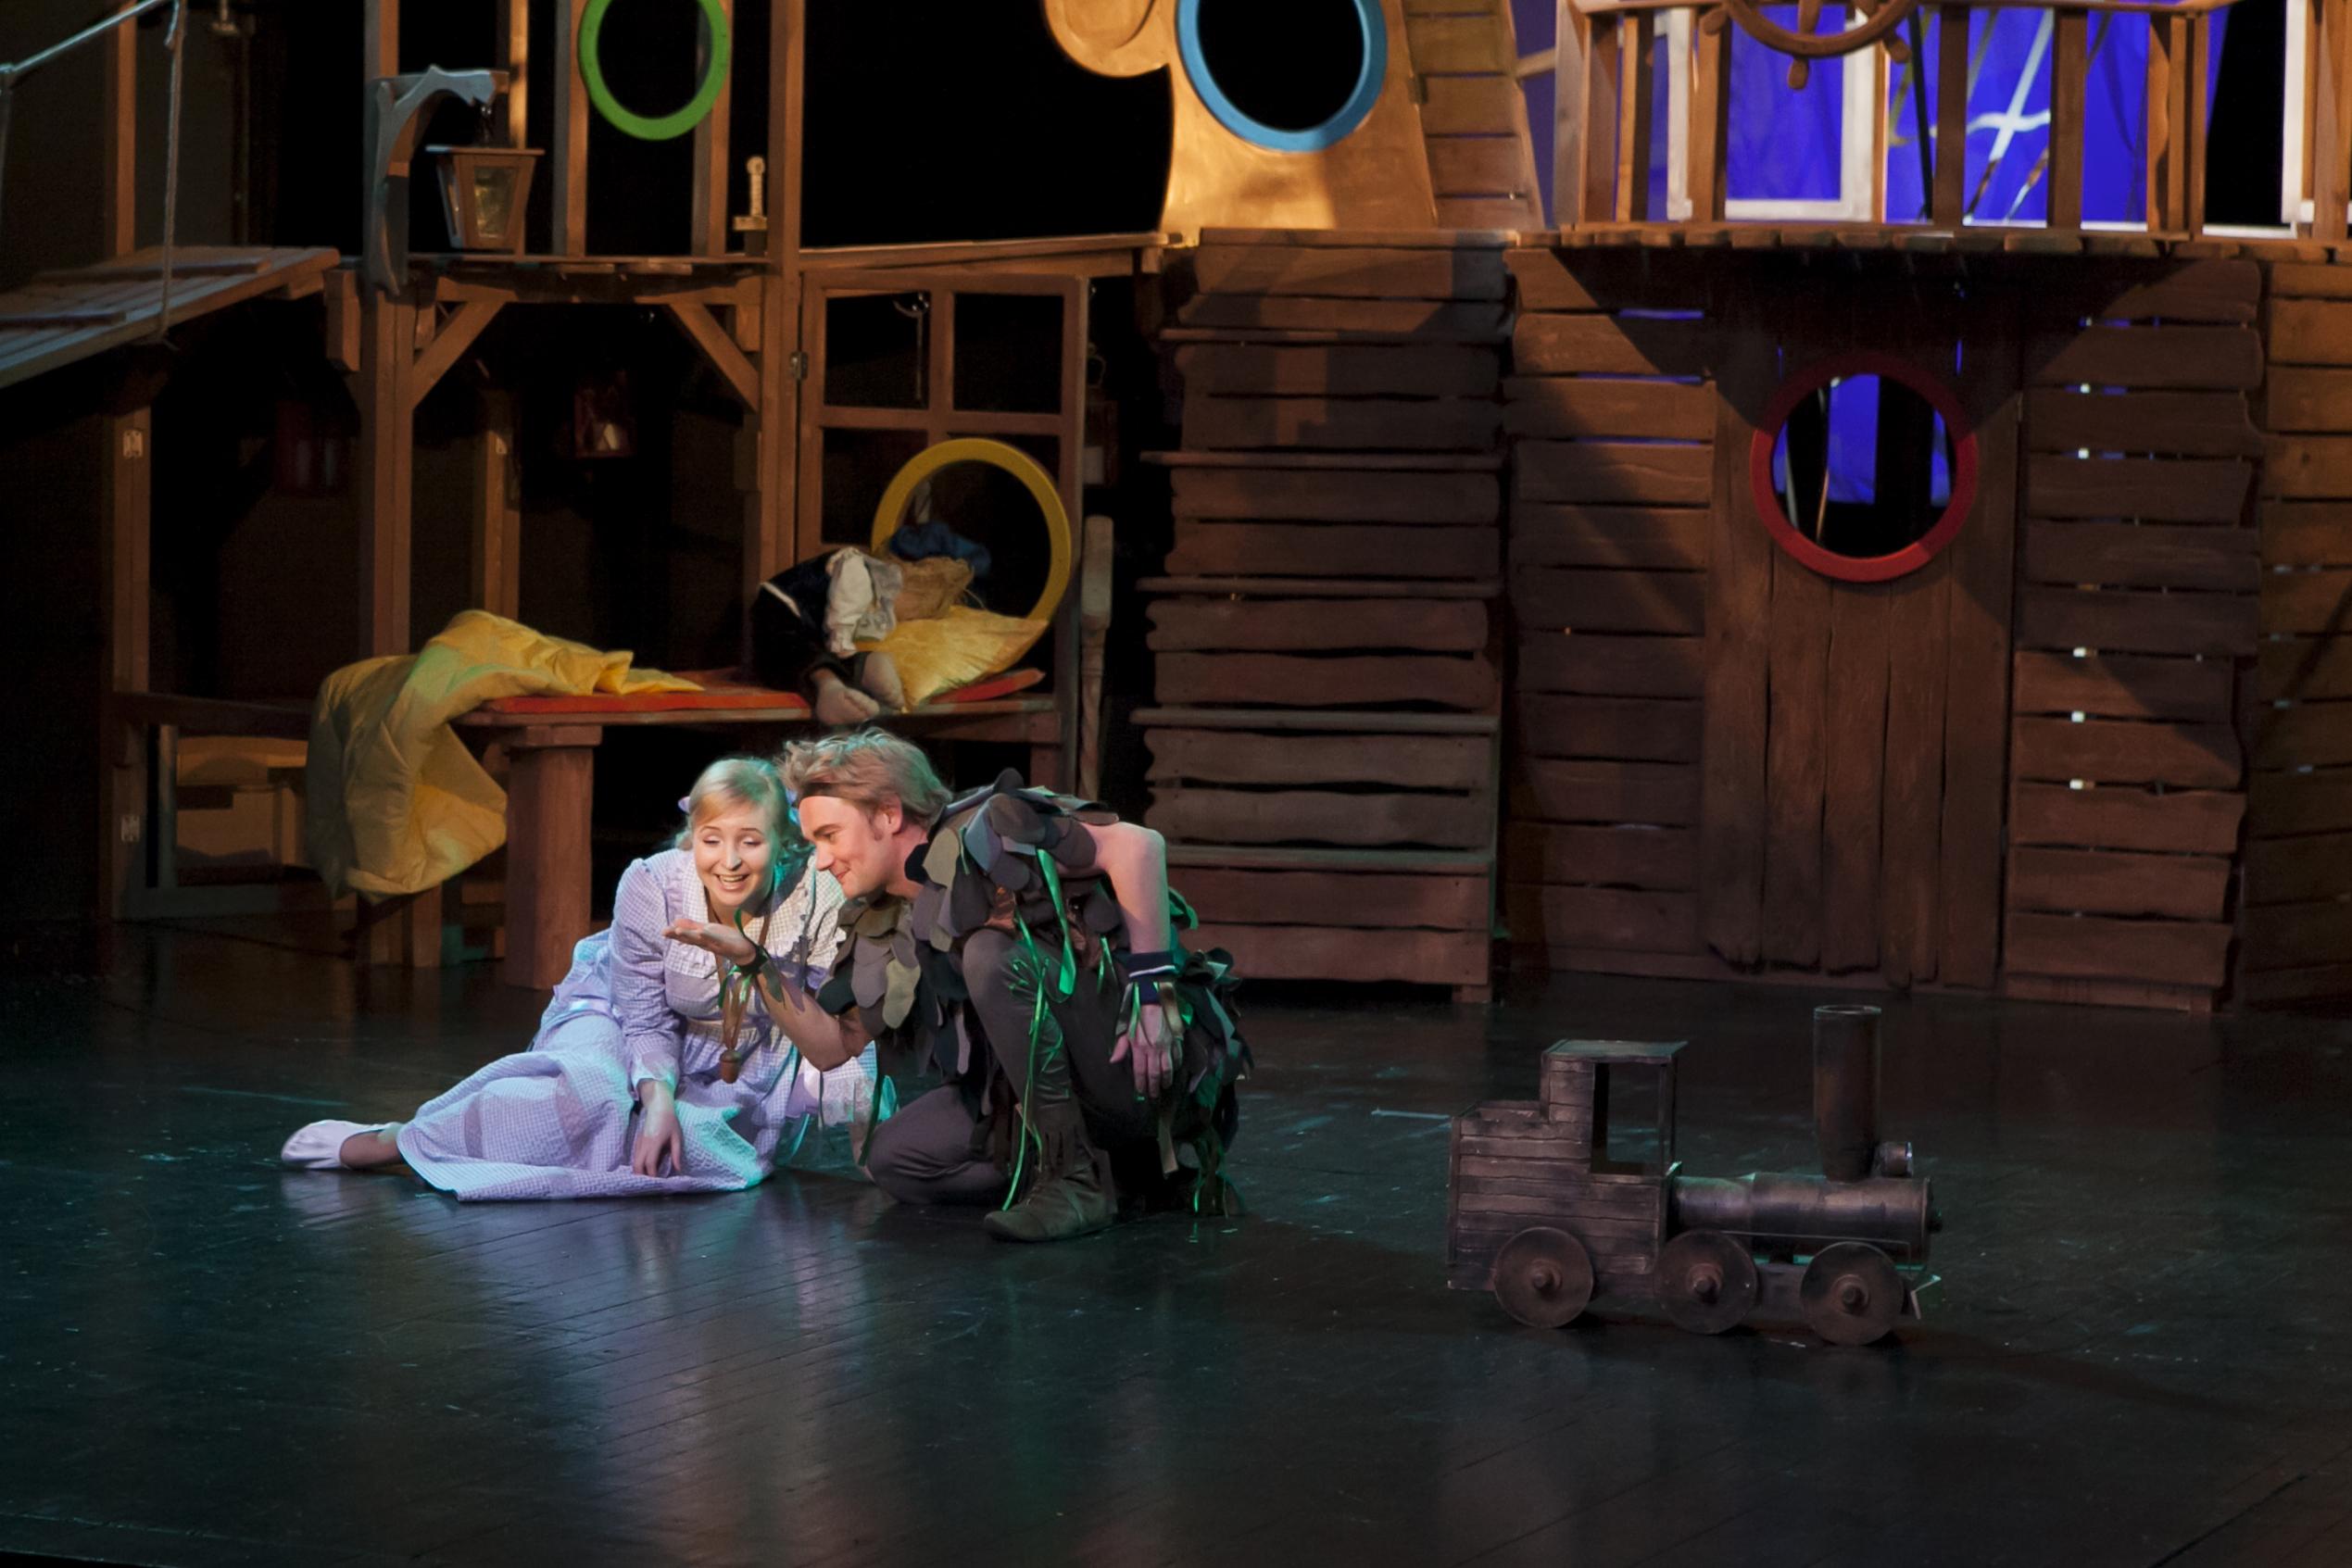 Спектакли петрозаводск афиша большой театр оперы и балета москва официальный сайт афиша